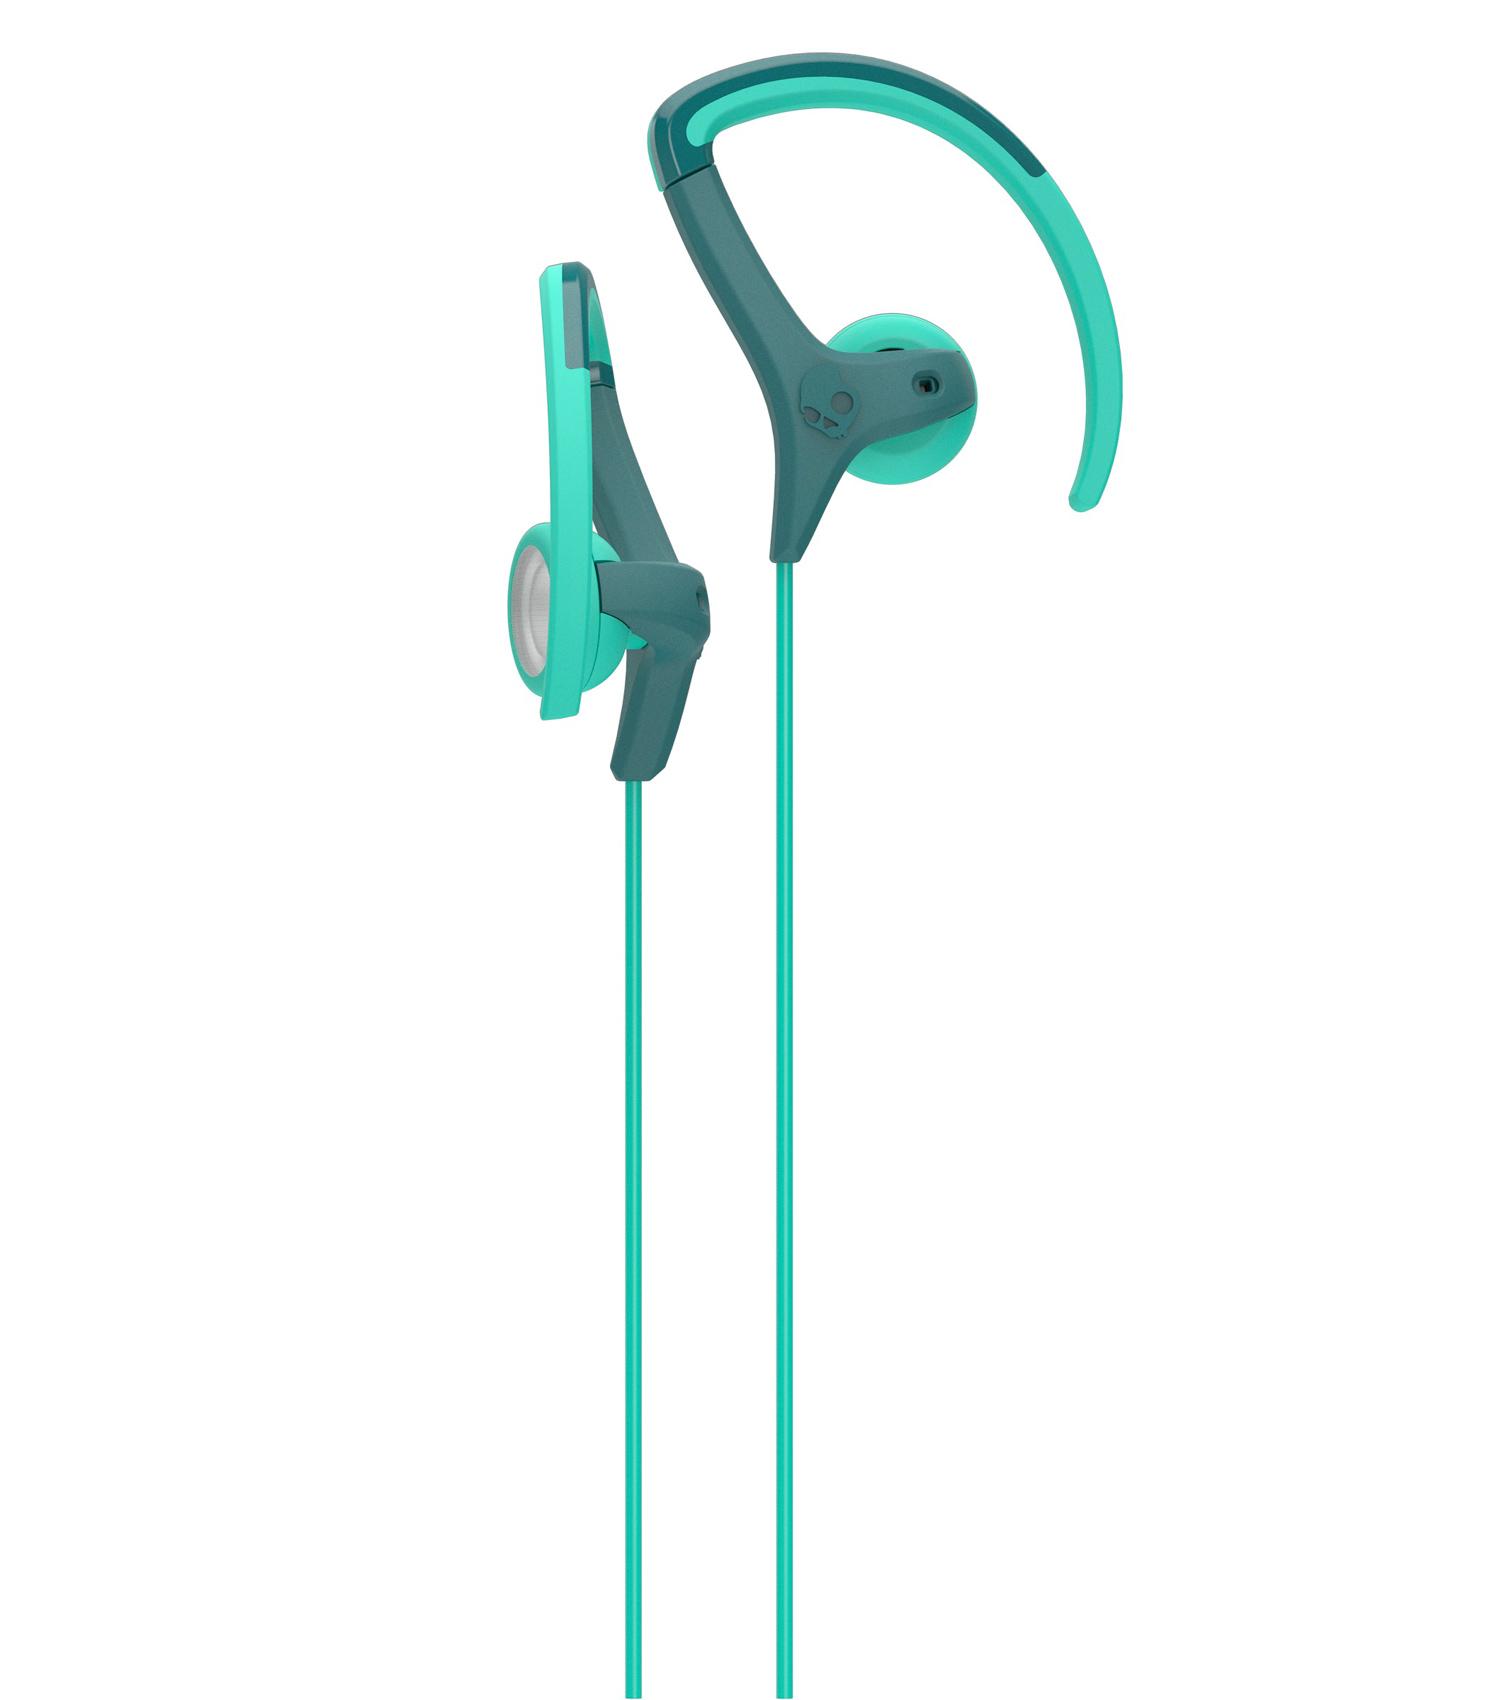 Skullcandy Headphones - Chops Bud Hanger - Ear Buds, Over-Ear ...